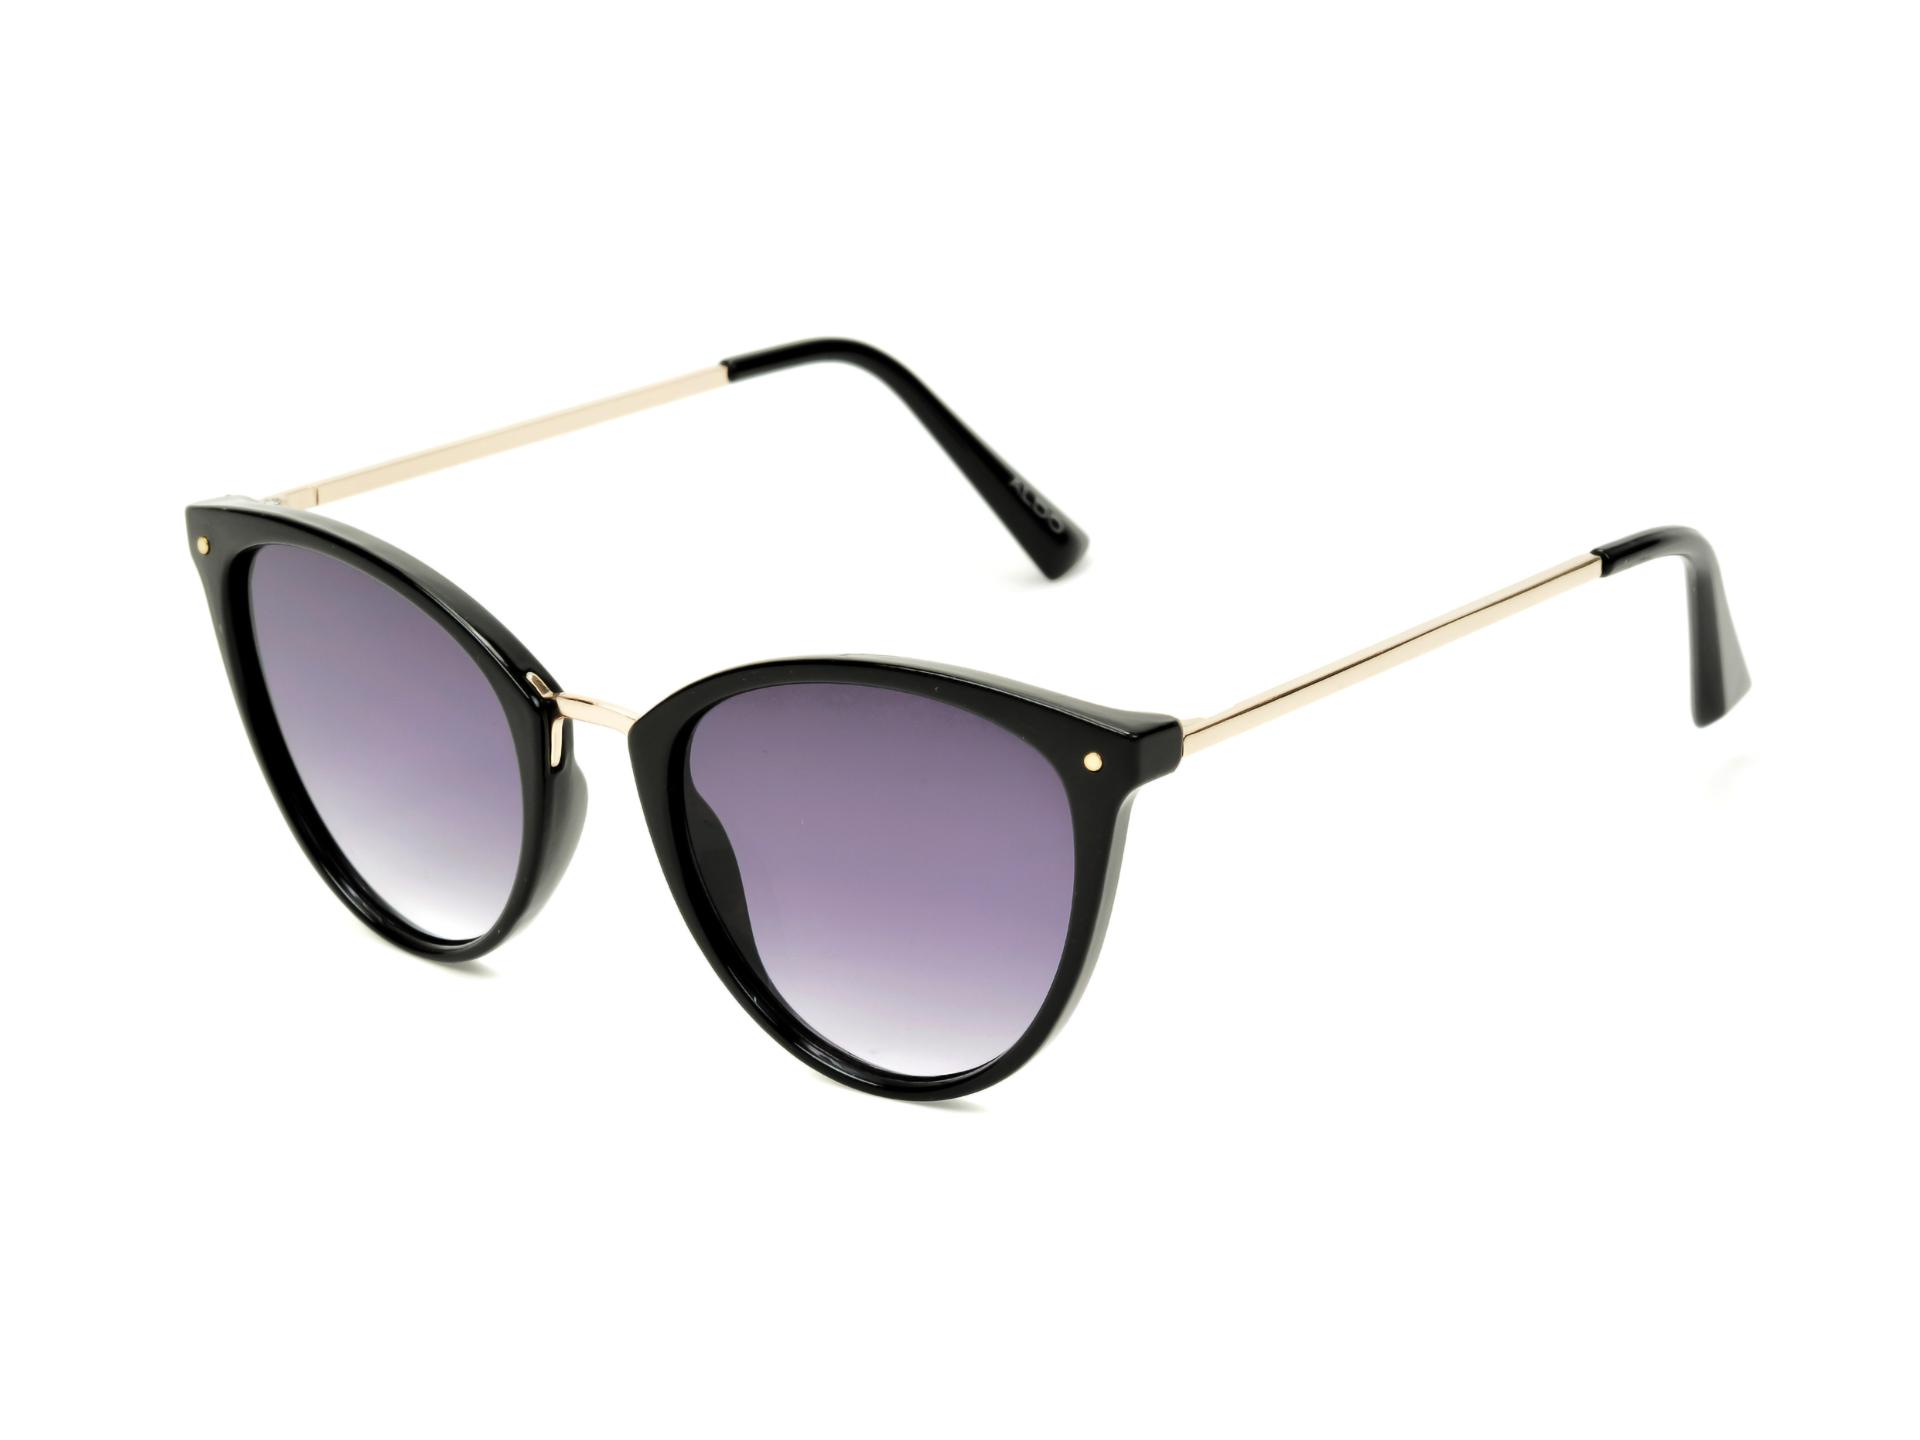 Ochelari de soare ALDO negri, Lunga970, din PVC imagine